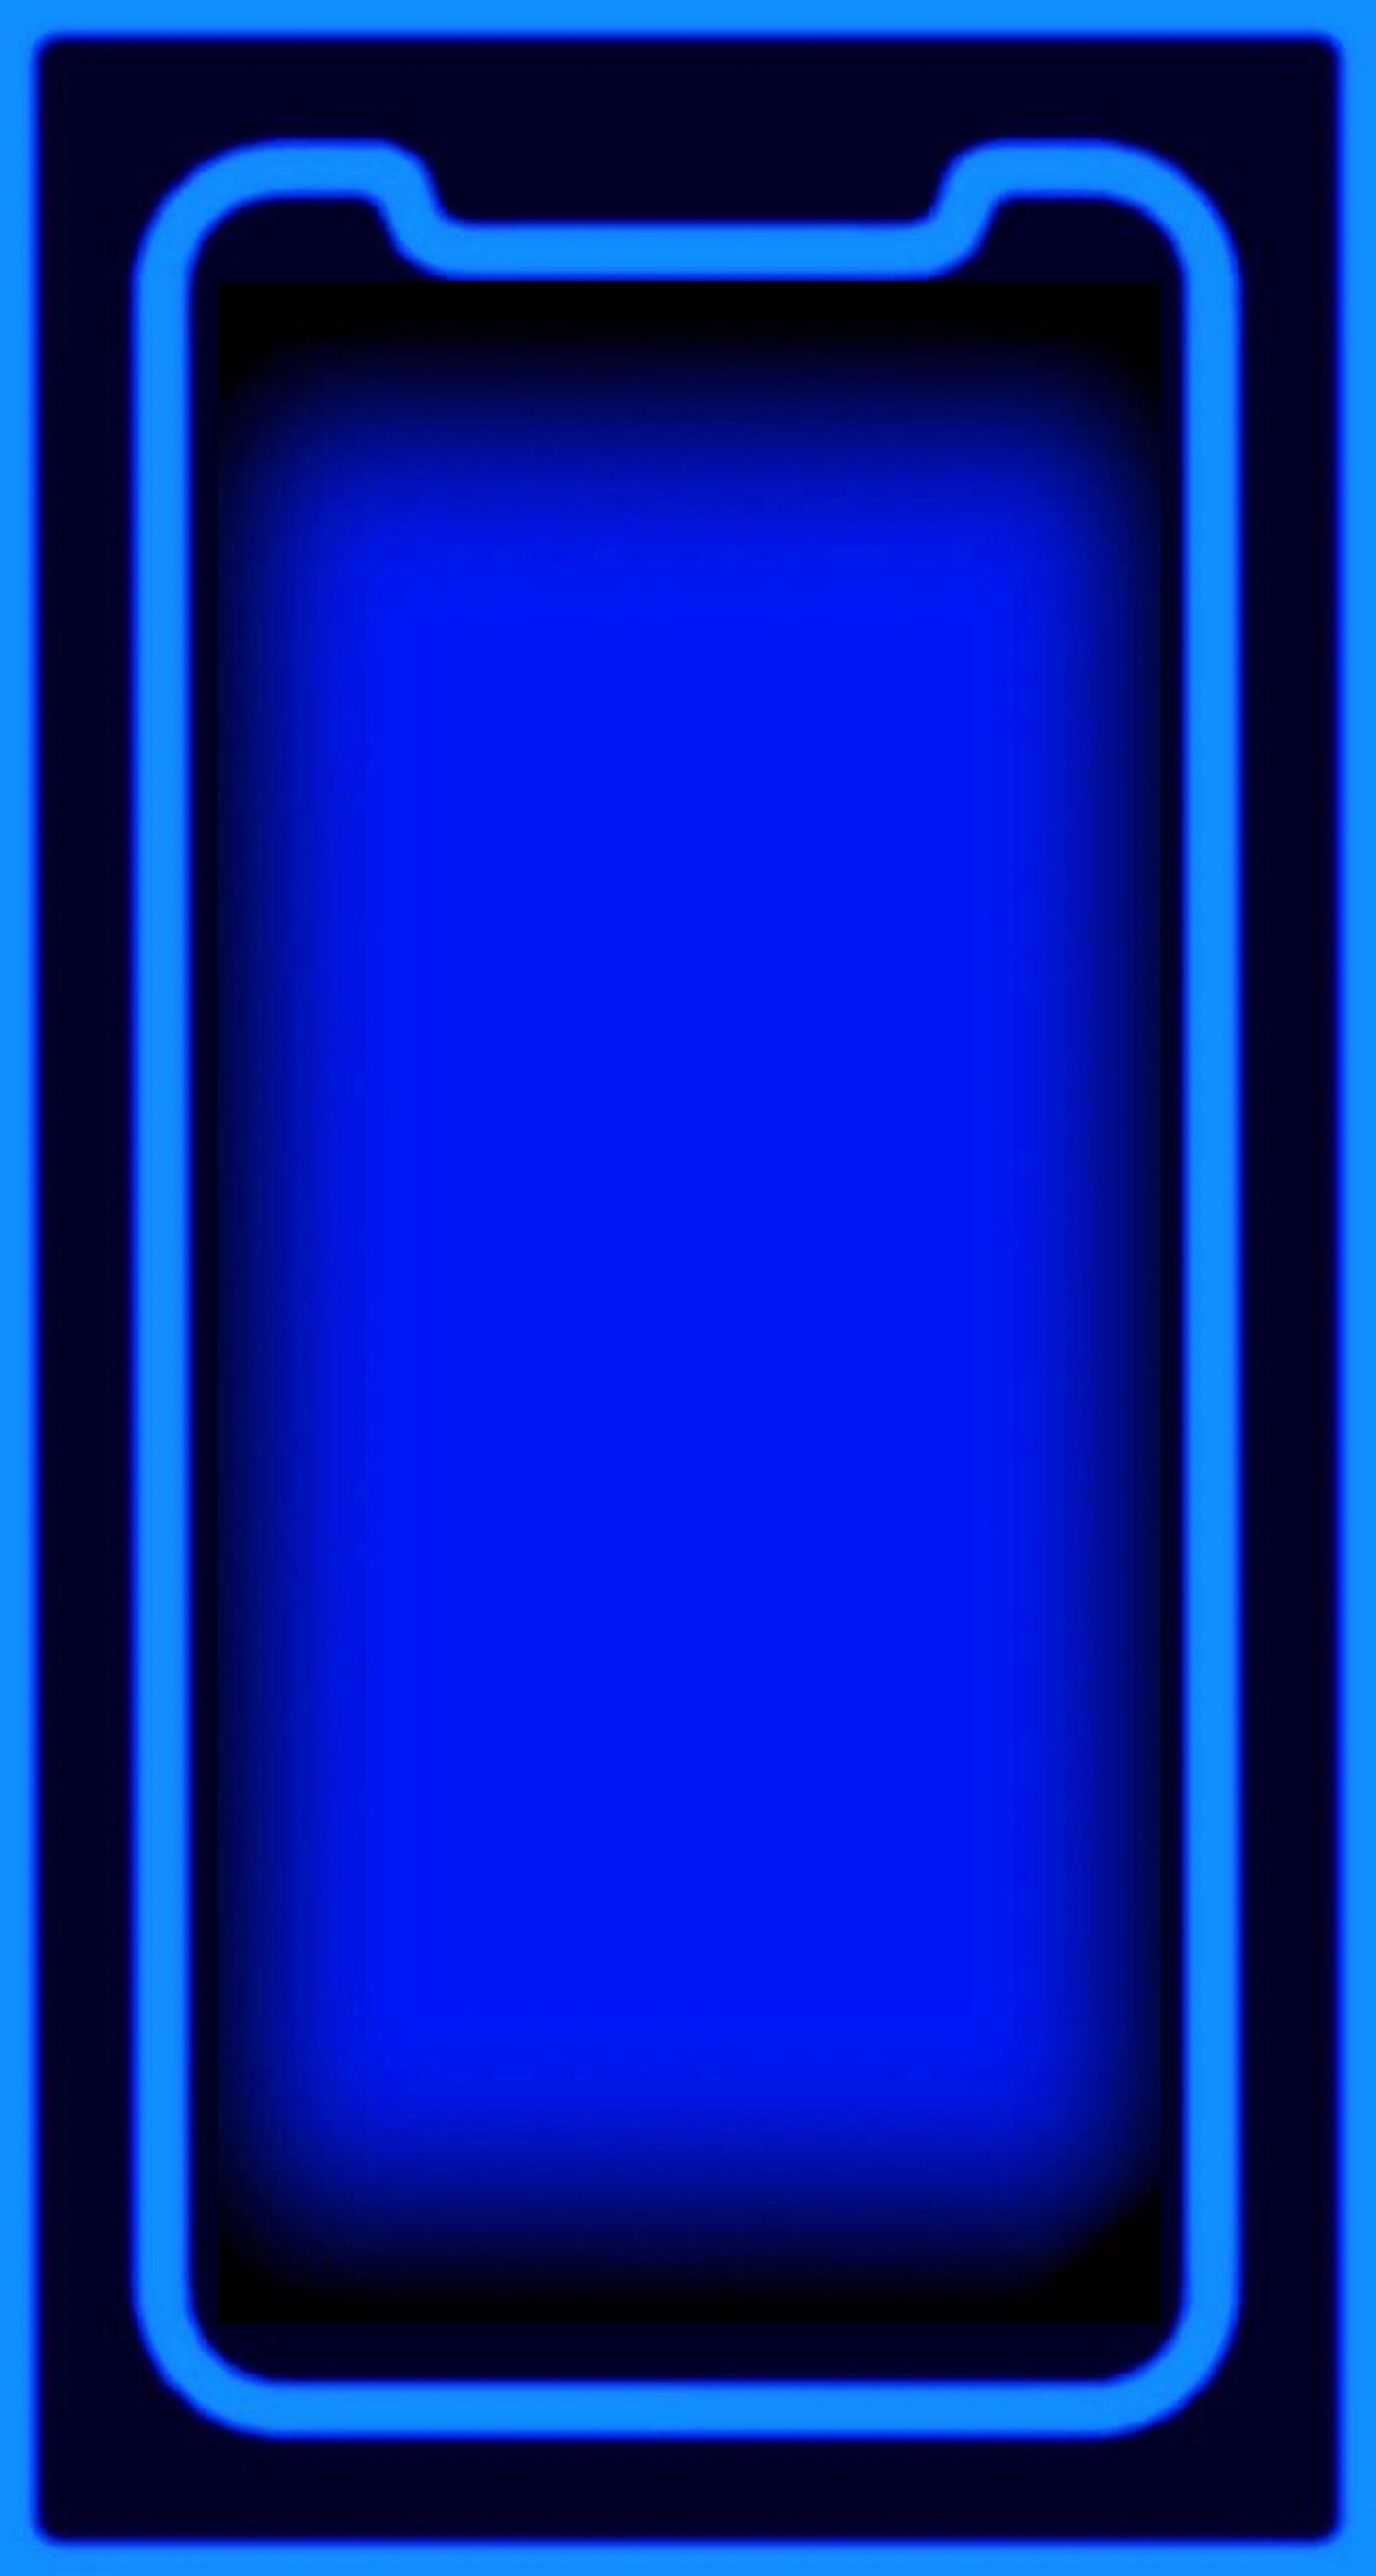 Blue On Blue Iphone X Wallpaper Blue Wallpaper Iphone Iphone Wallpaper Iphone Wallpaper Violet